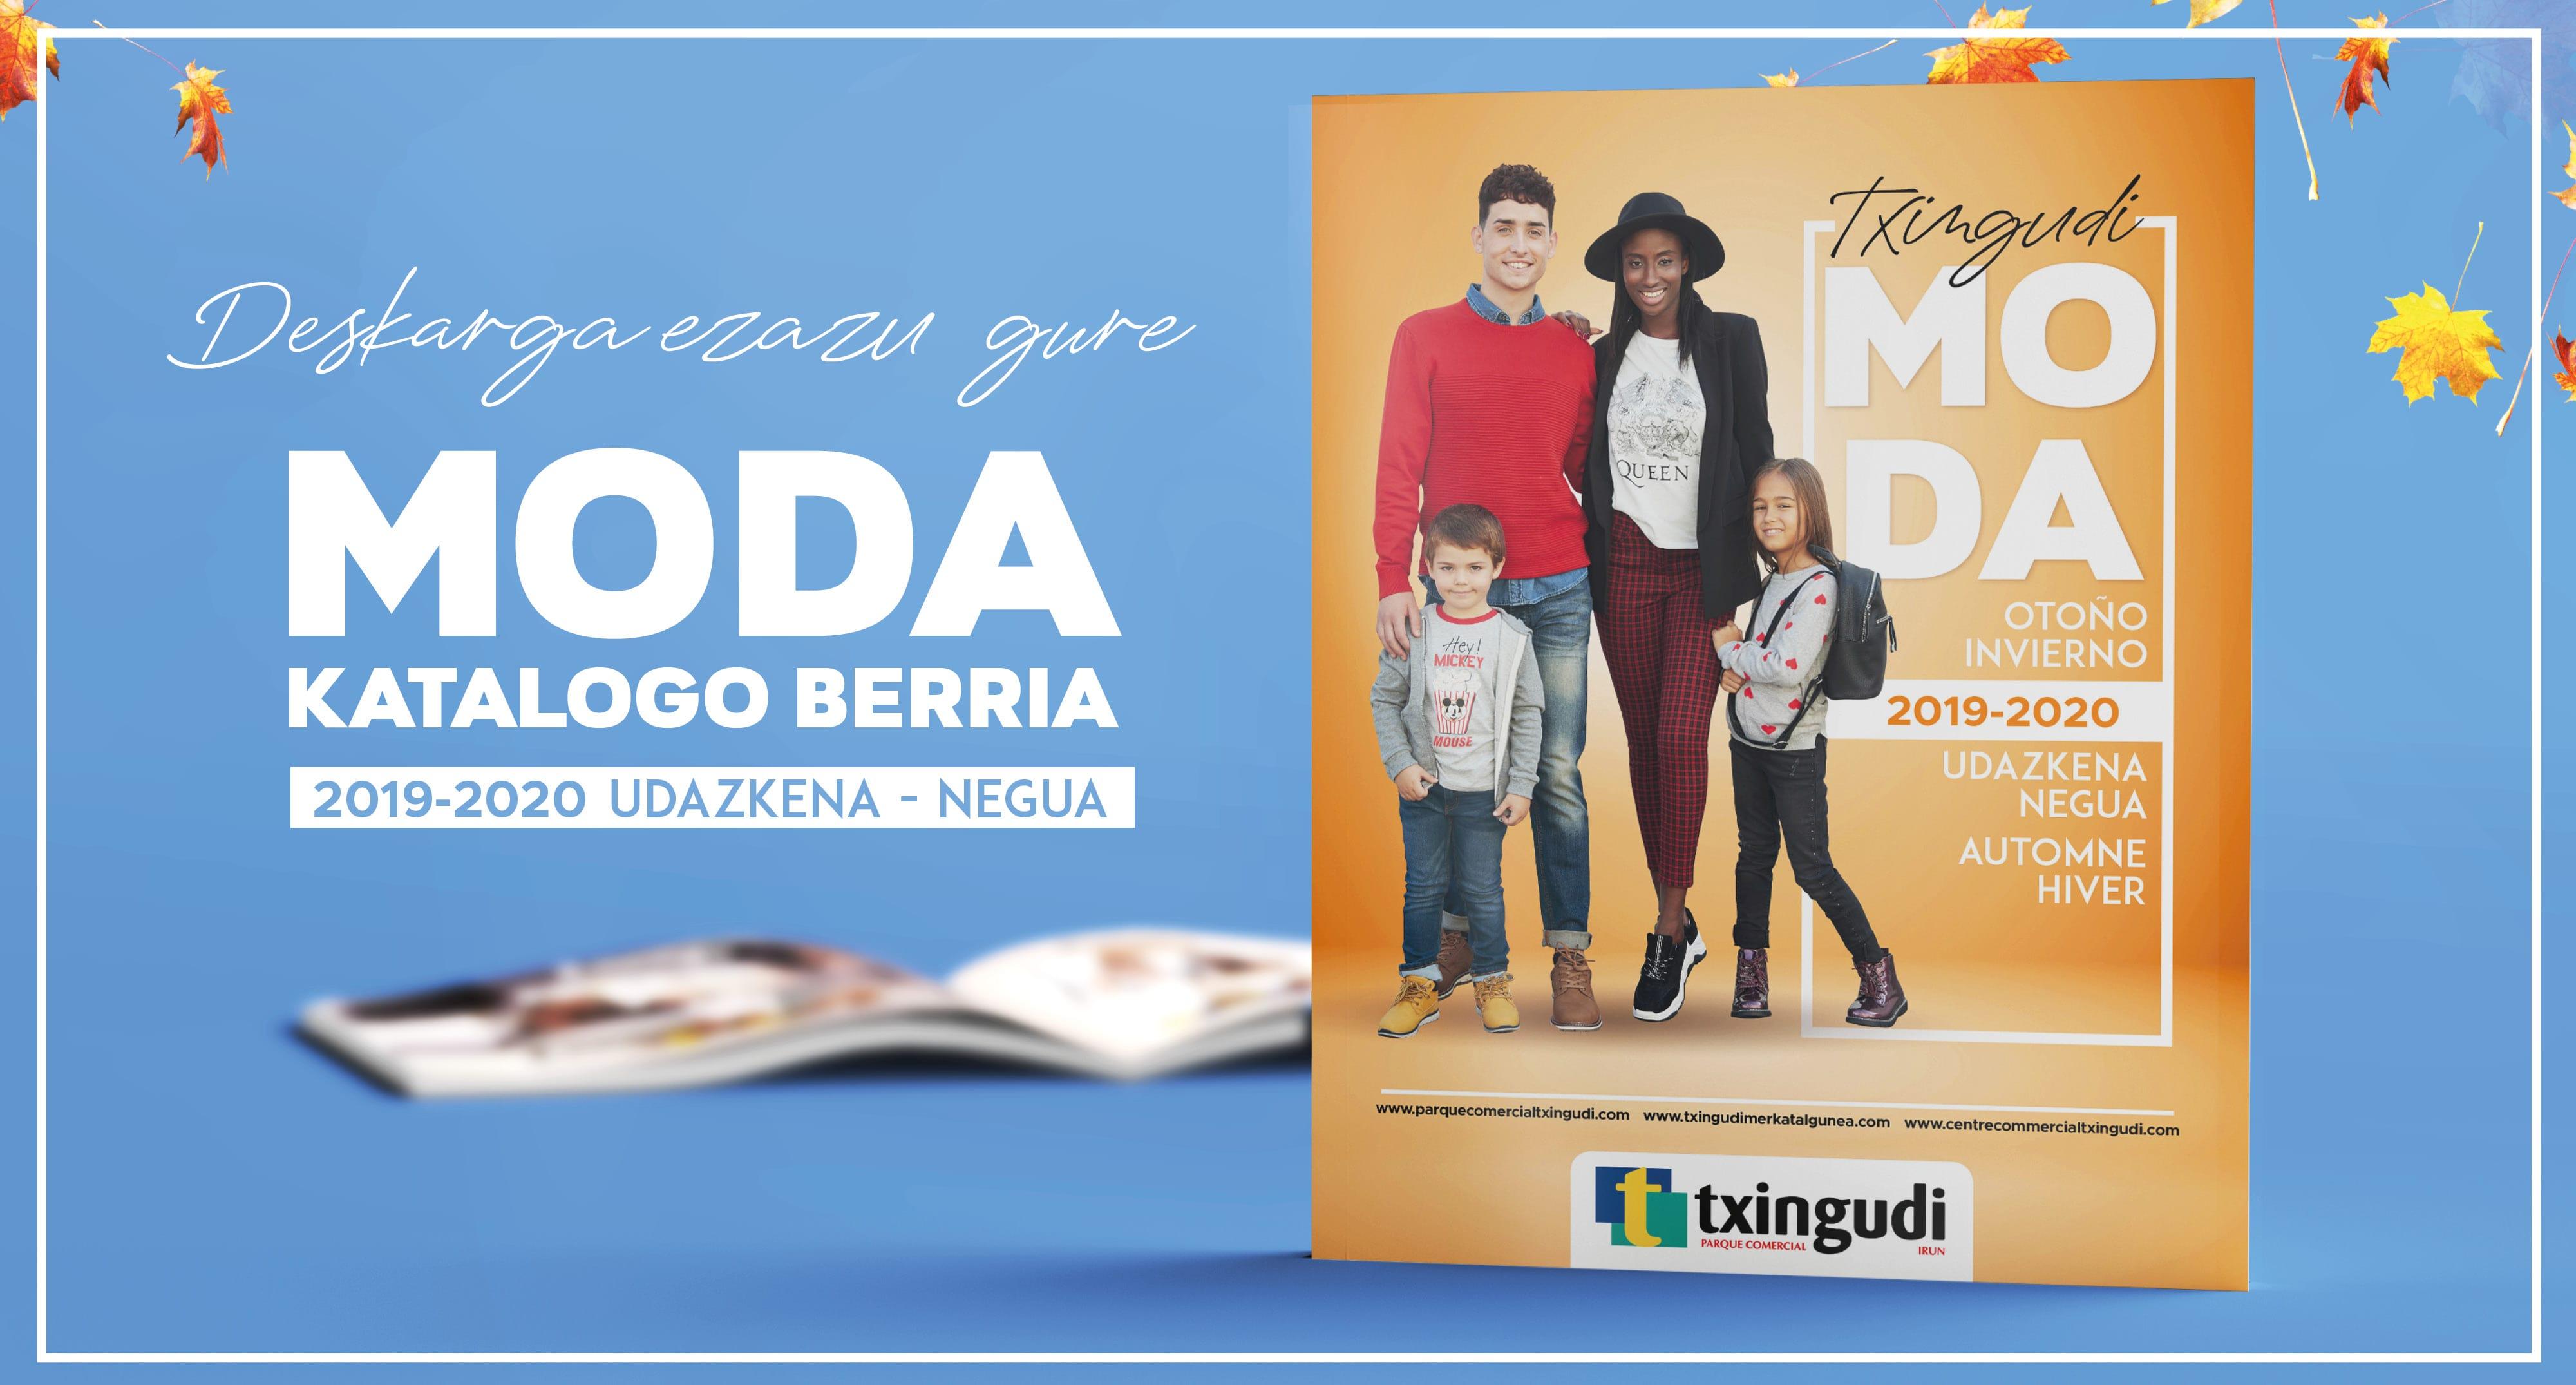 Dagoeneko kontsultagai duzue Txingudi Merkataritza Guneko 2019/20 udazkena/negua moda-katalogoa!